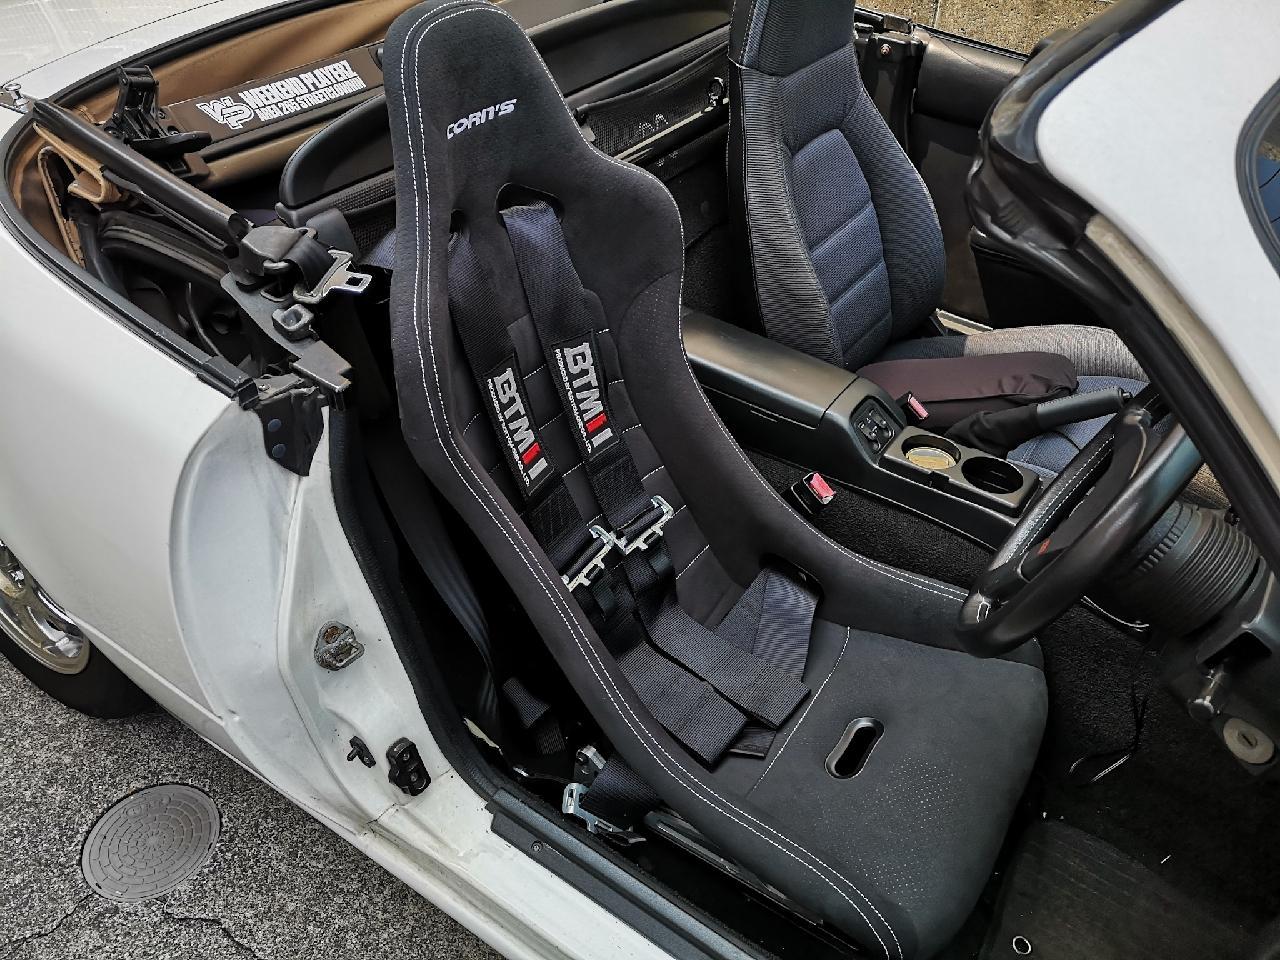 CORN'S オリジナルバケットシート